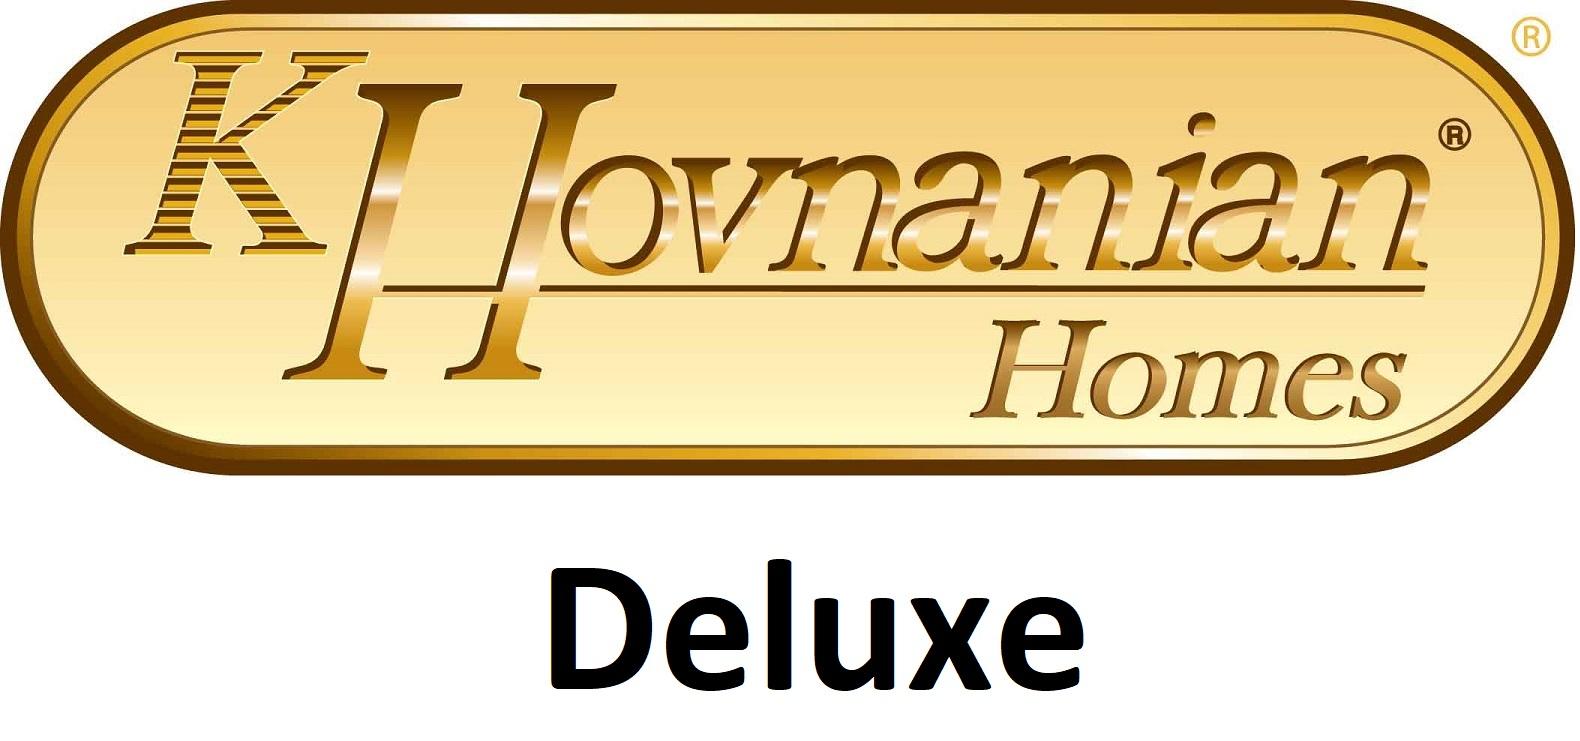 K Hovnanian-Deluxe